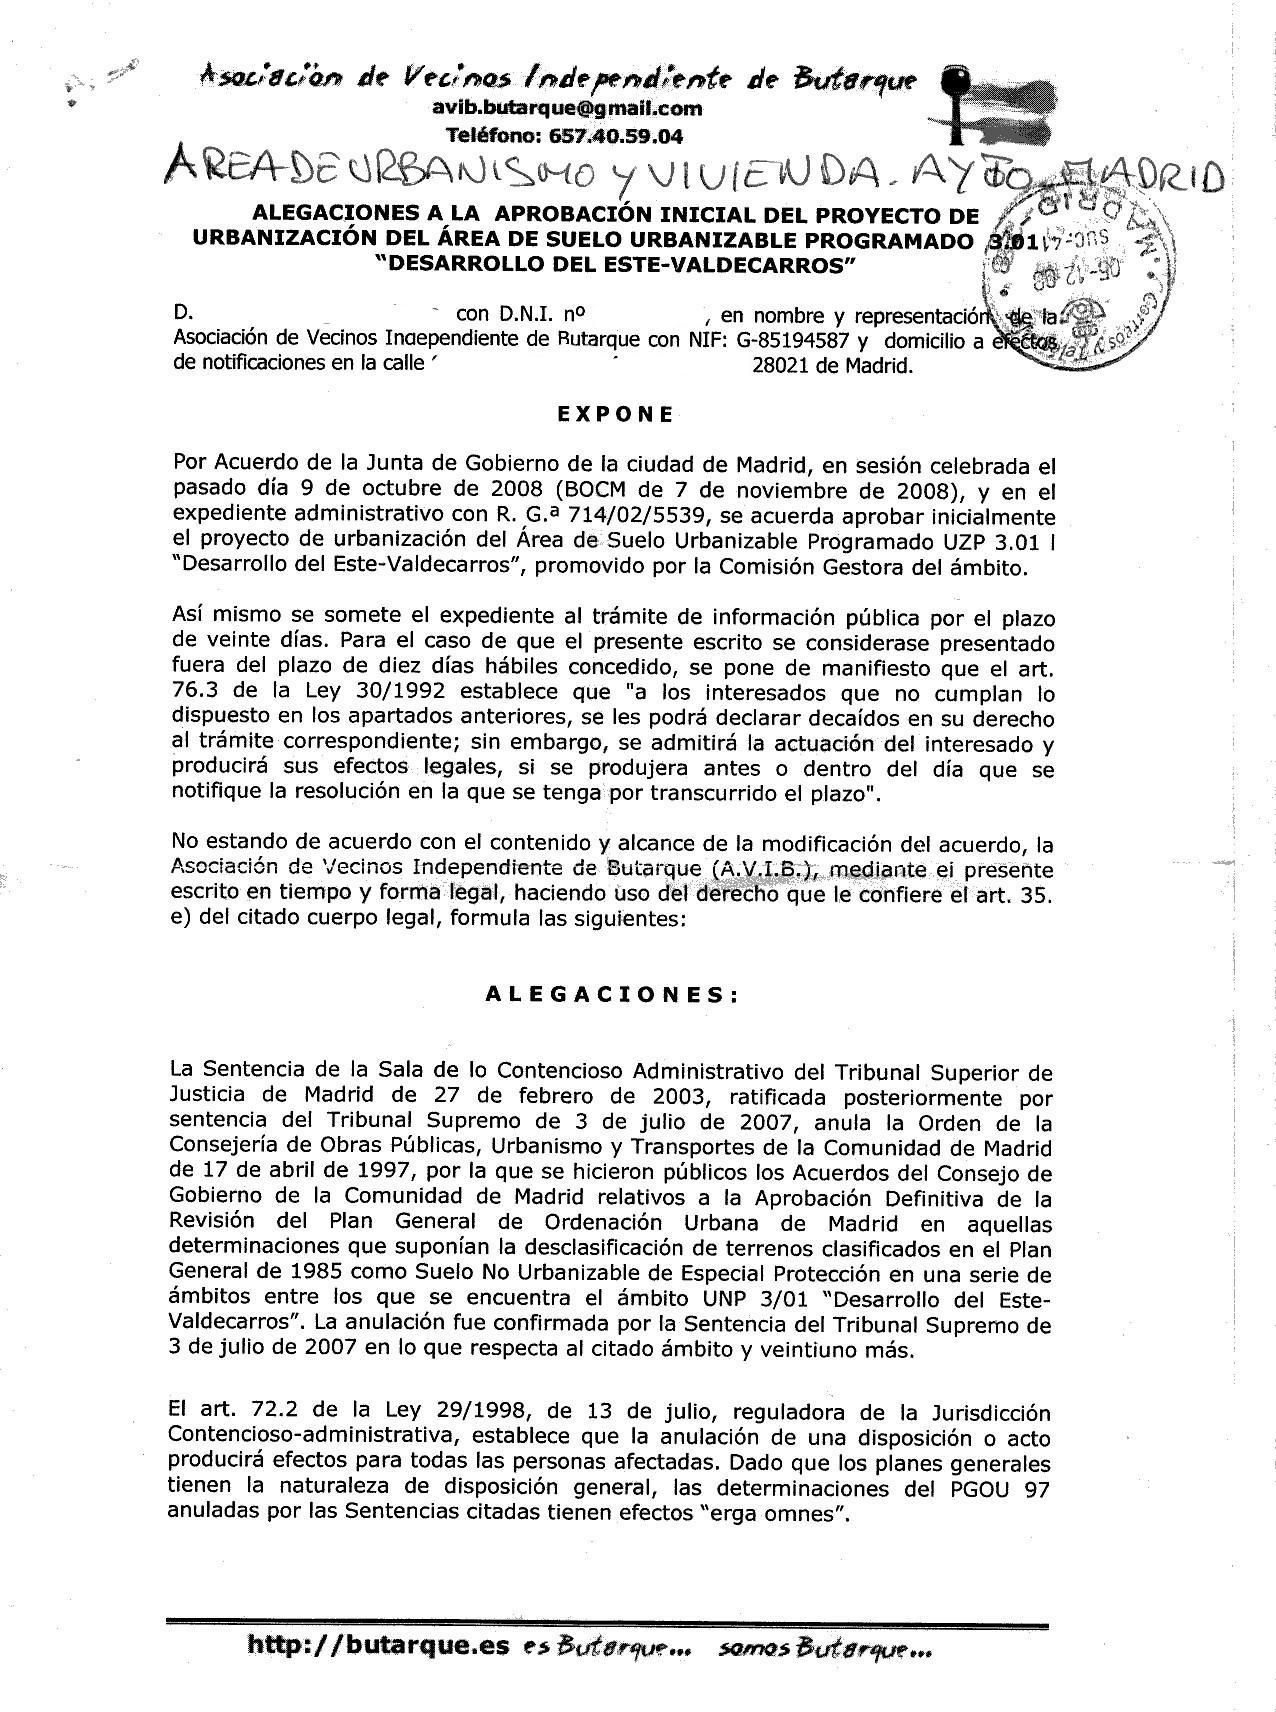 alegaciones_valdecarros.jpg